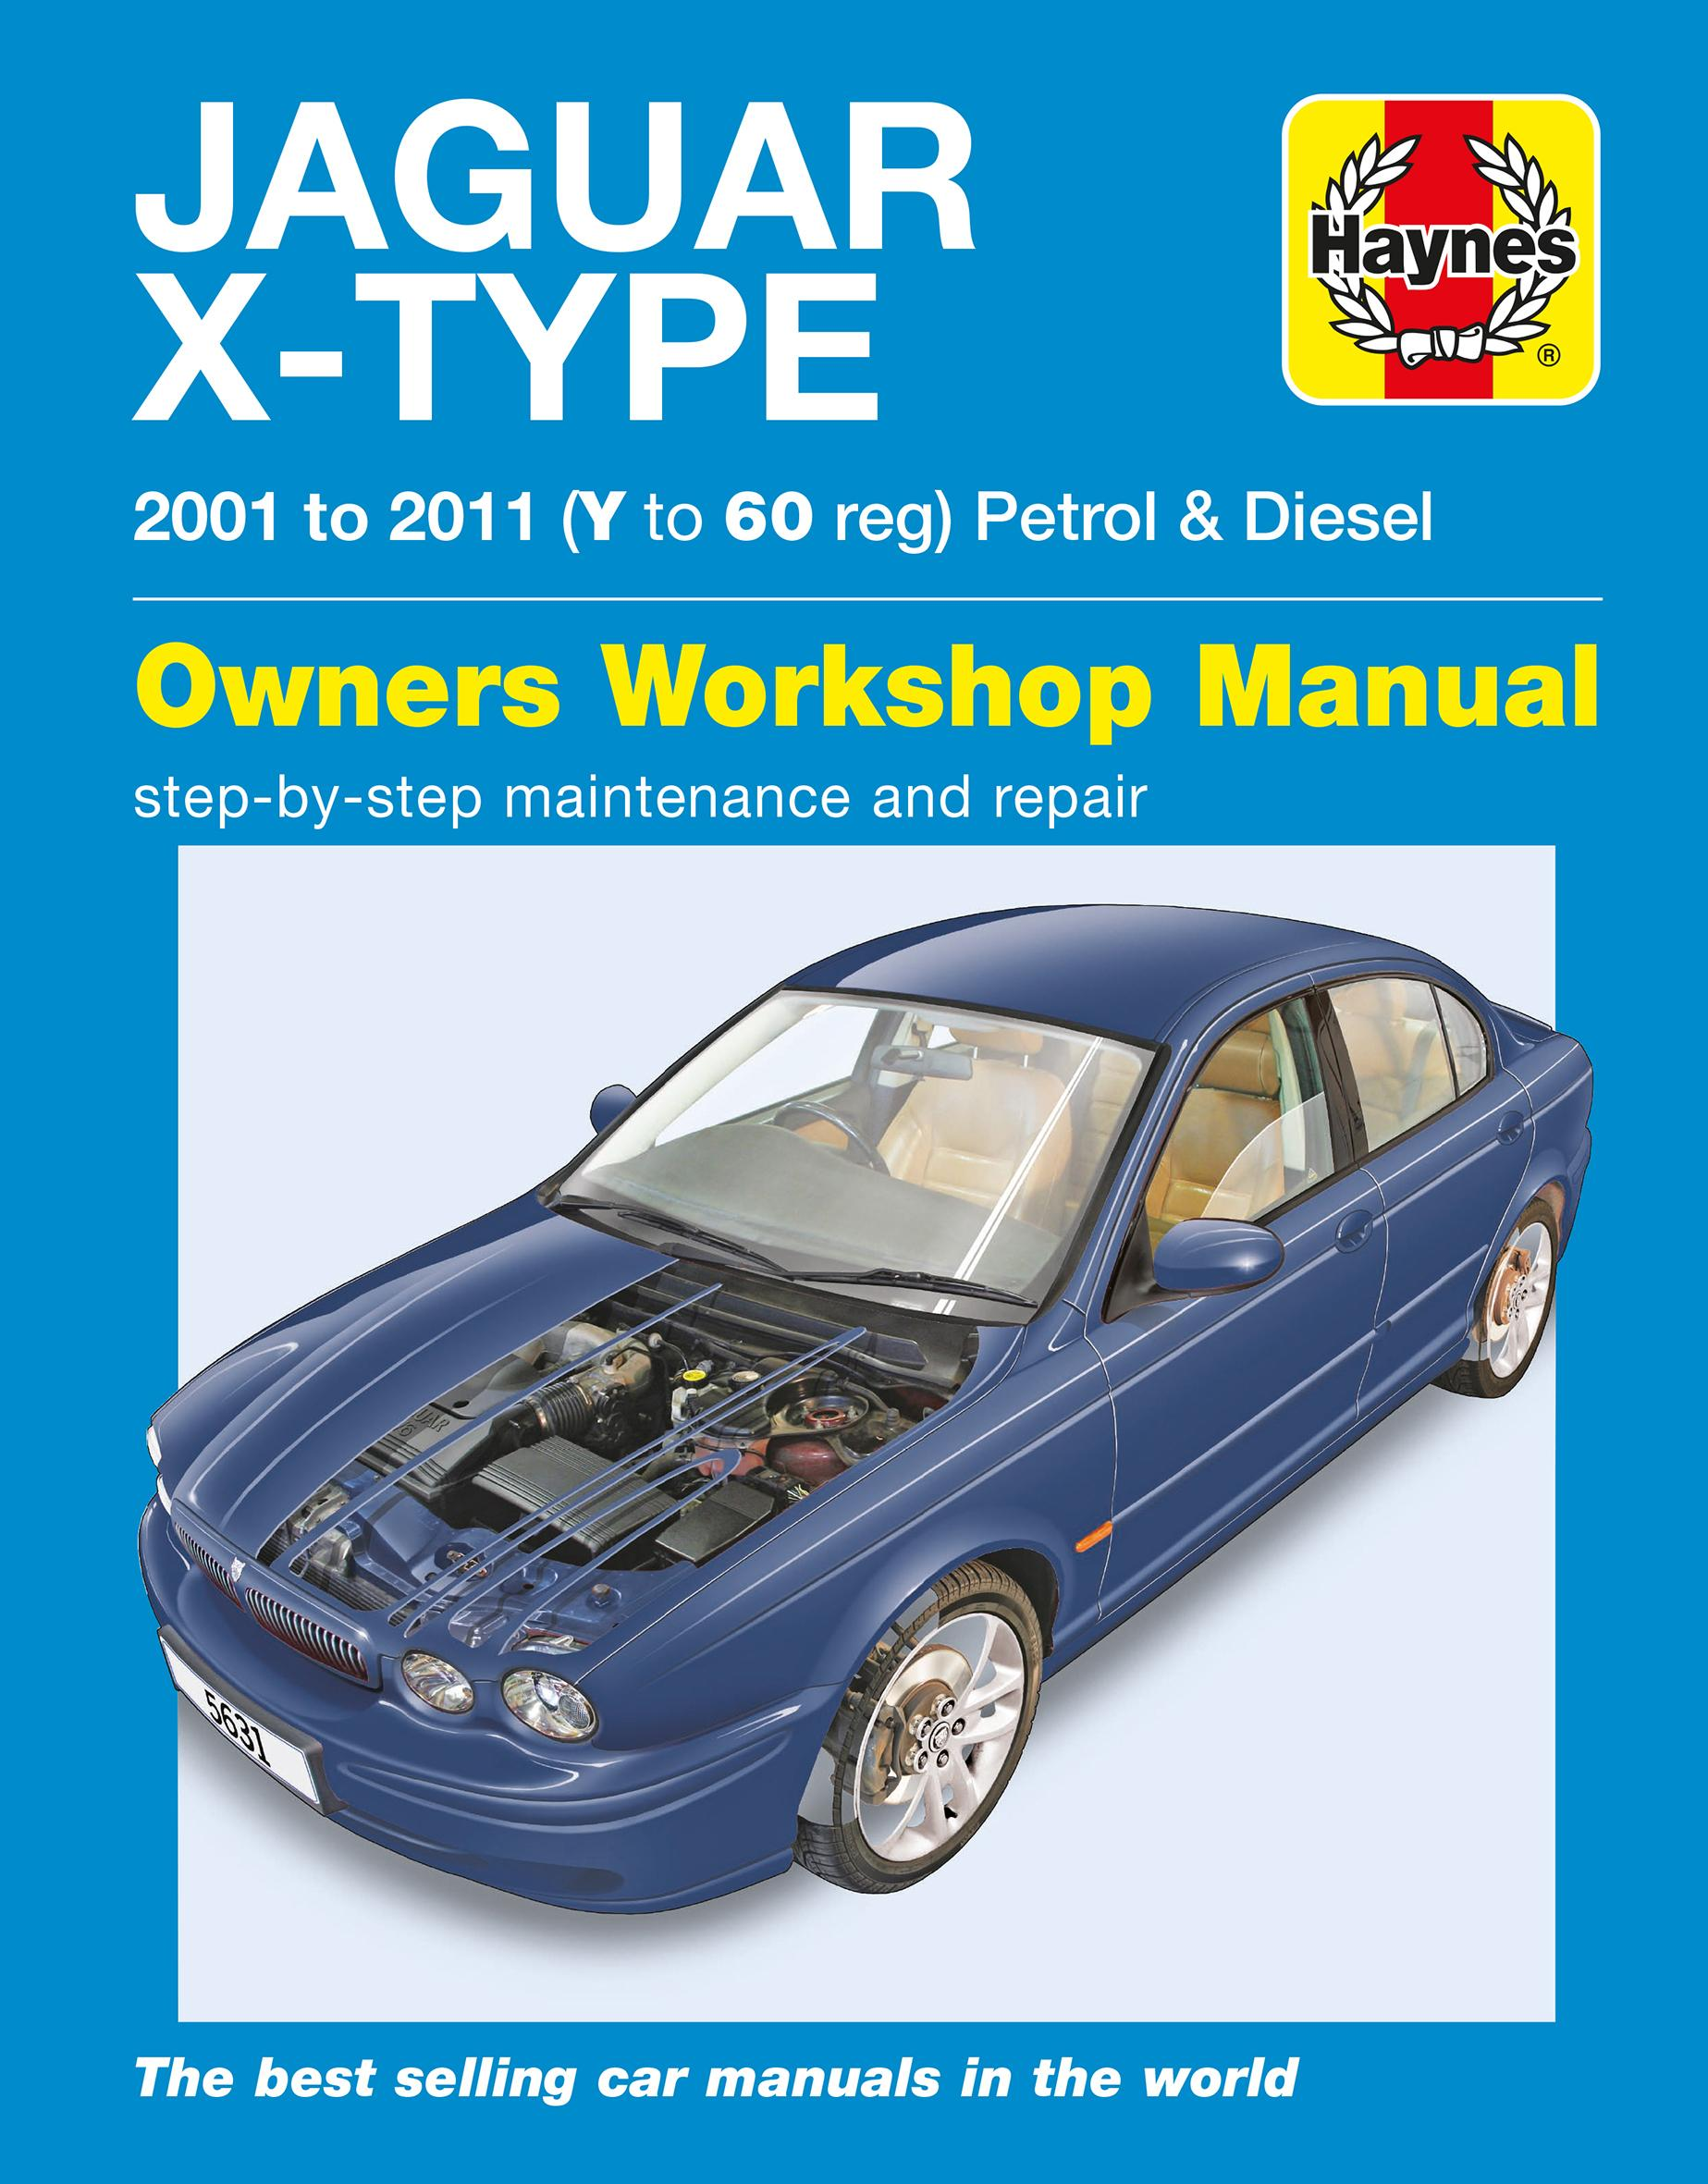 haynes jaguar x type petrol diese rh halfords com jaguar x type workshop manual haynes jaguar x type service manual pdf